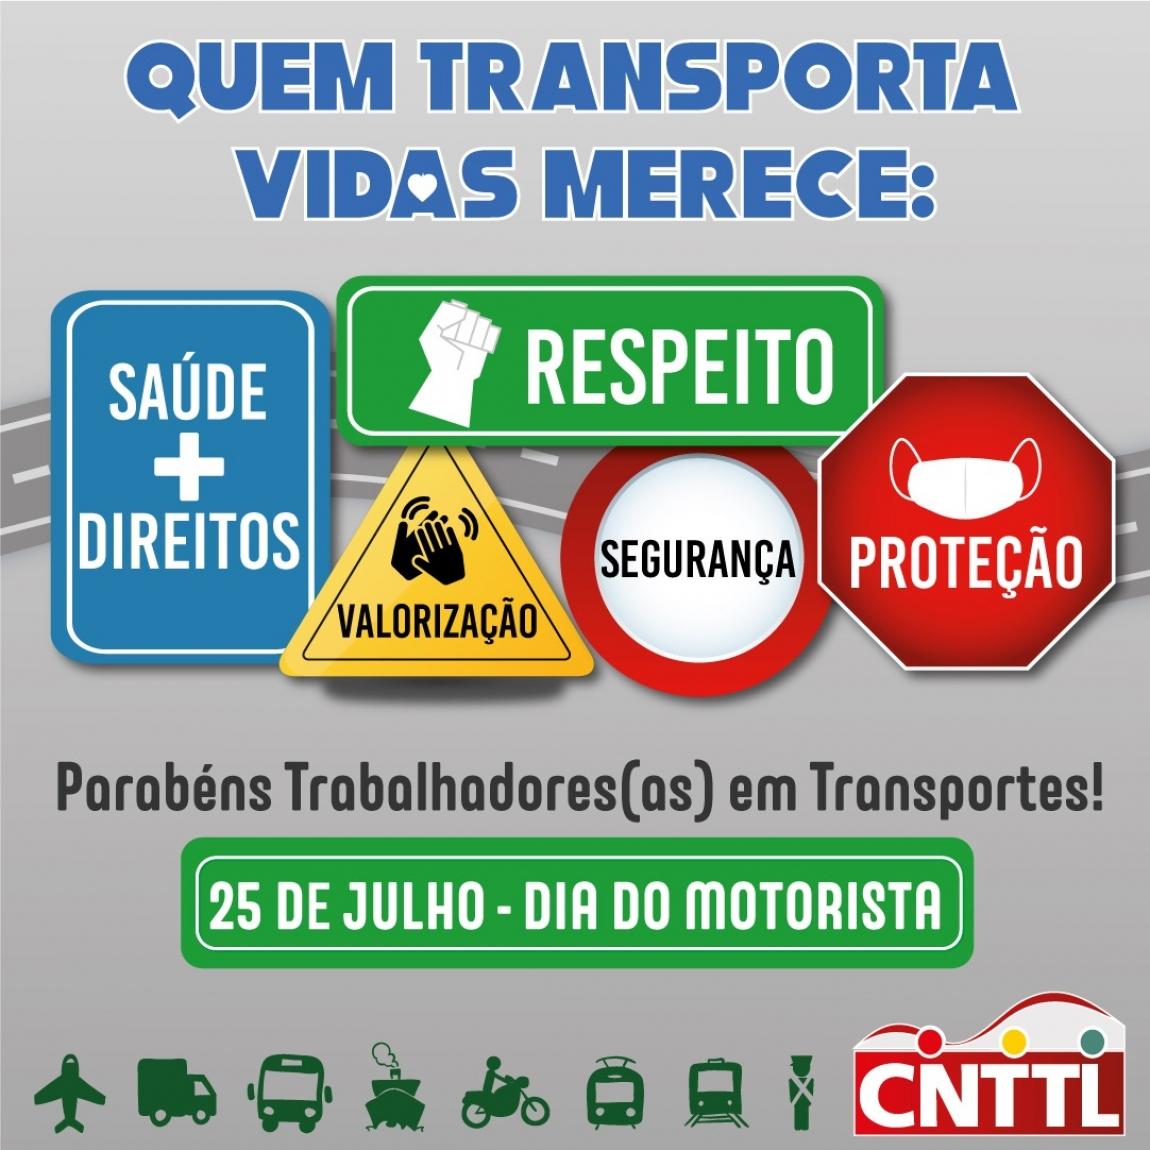 Imagem de 25 de julho: Parabéns aos motoristas | Trabalhadores (as) em Transportes